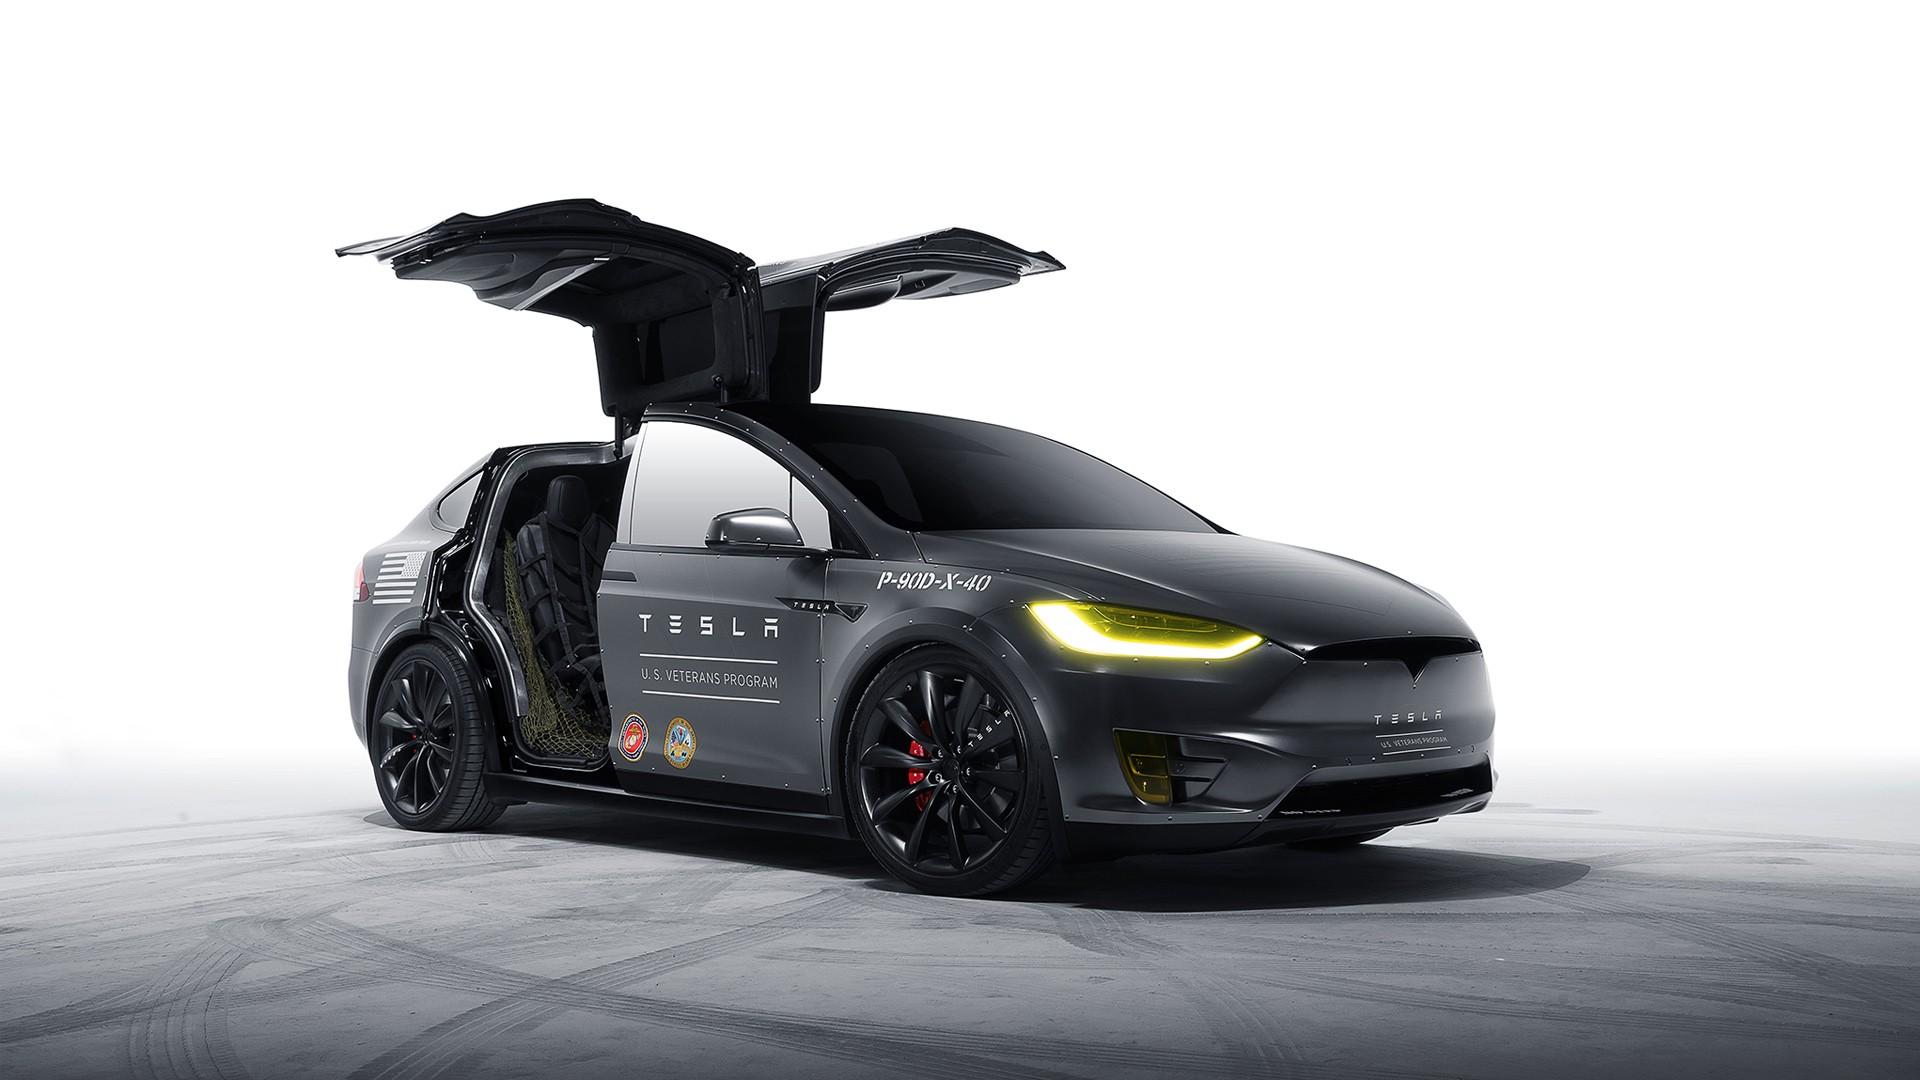 Model X Tesla Motors Wallpaper Hd Car Wallpapers Id 5976